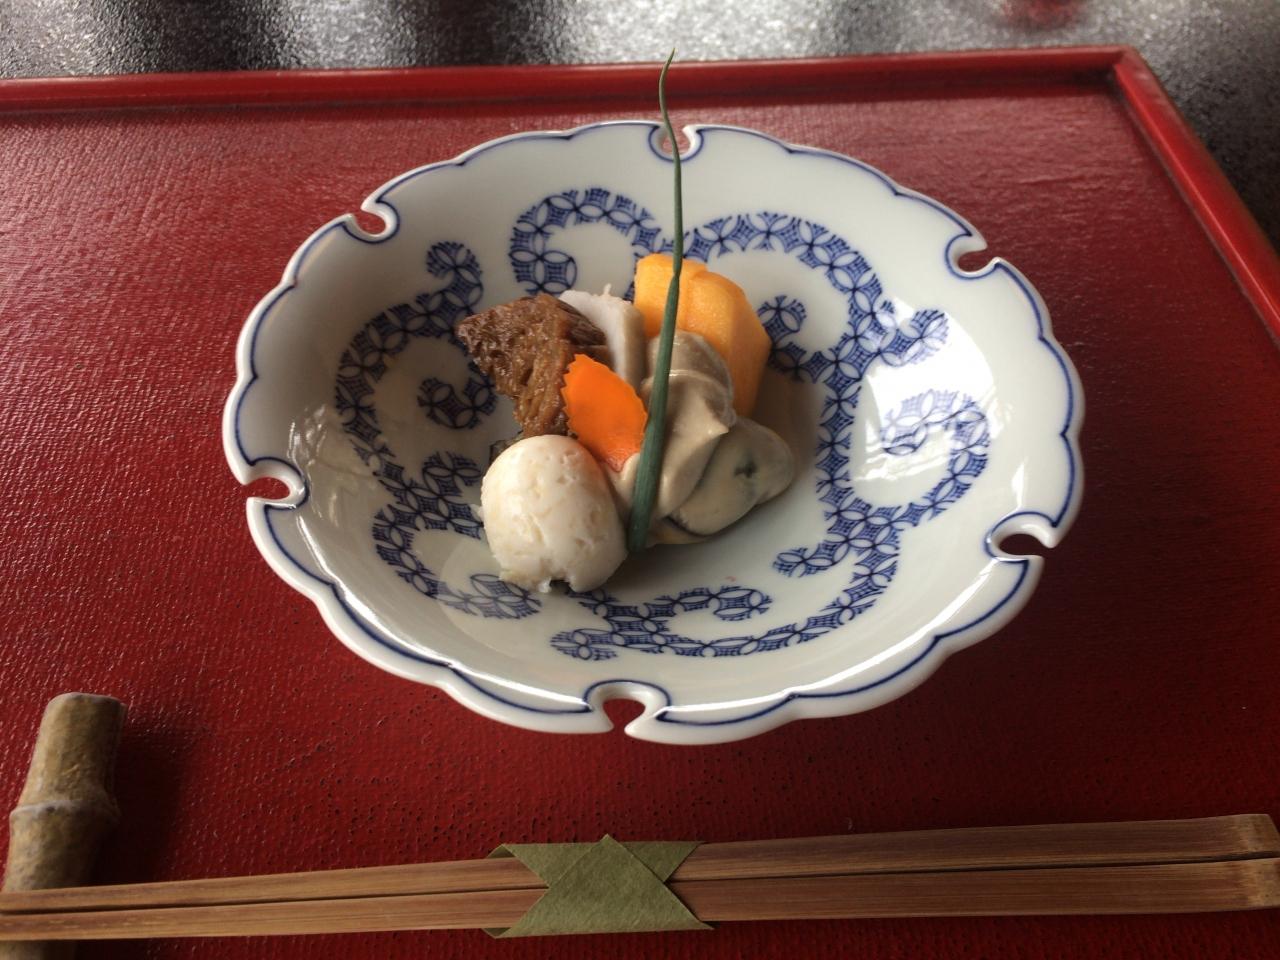 北鎌倉茶寮 幻董庵(鎌倉市:懐石料理)【e-shops】